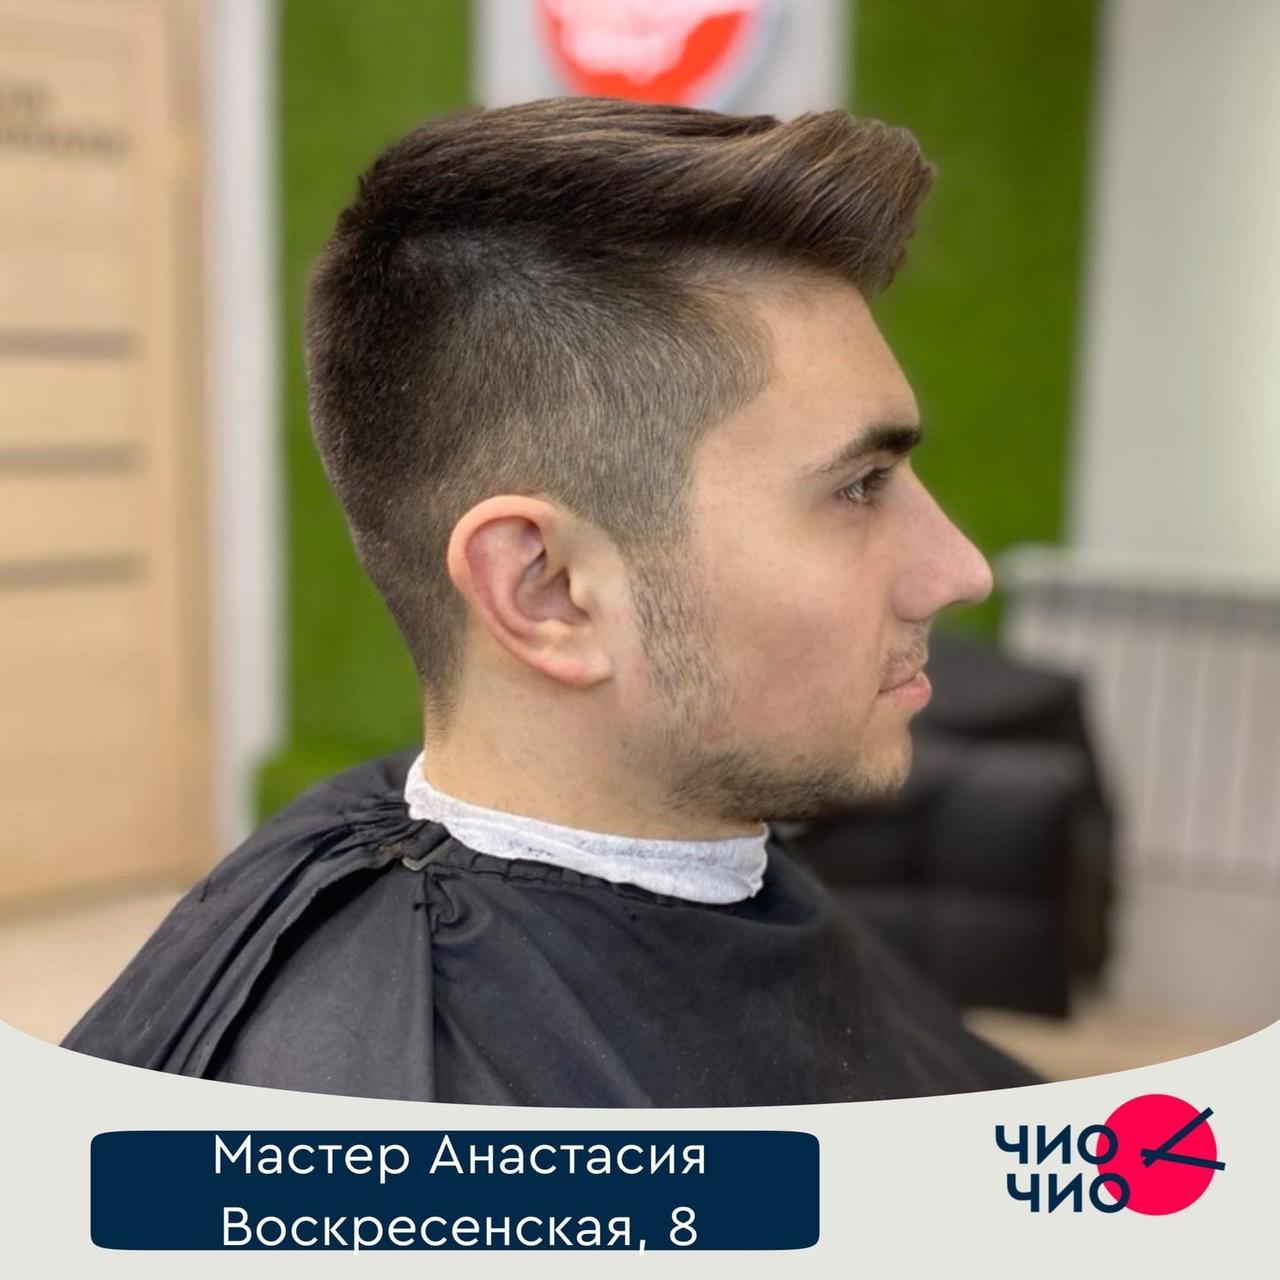 Японская парикмахерская Чио Чио